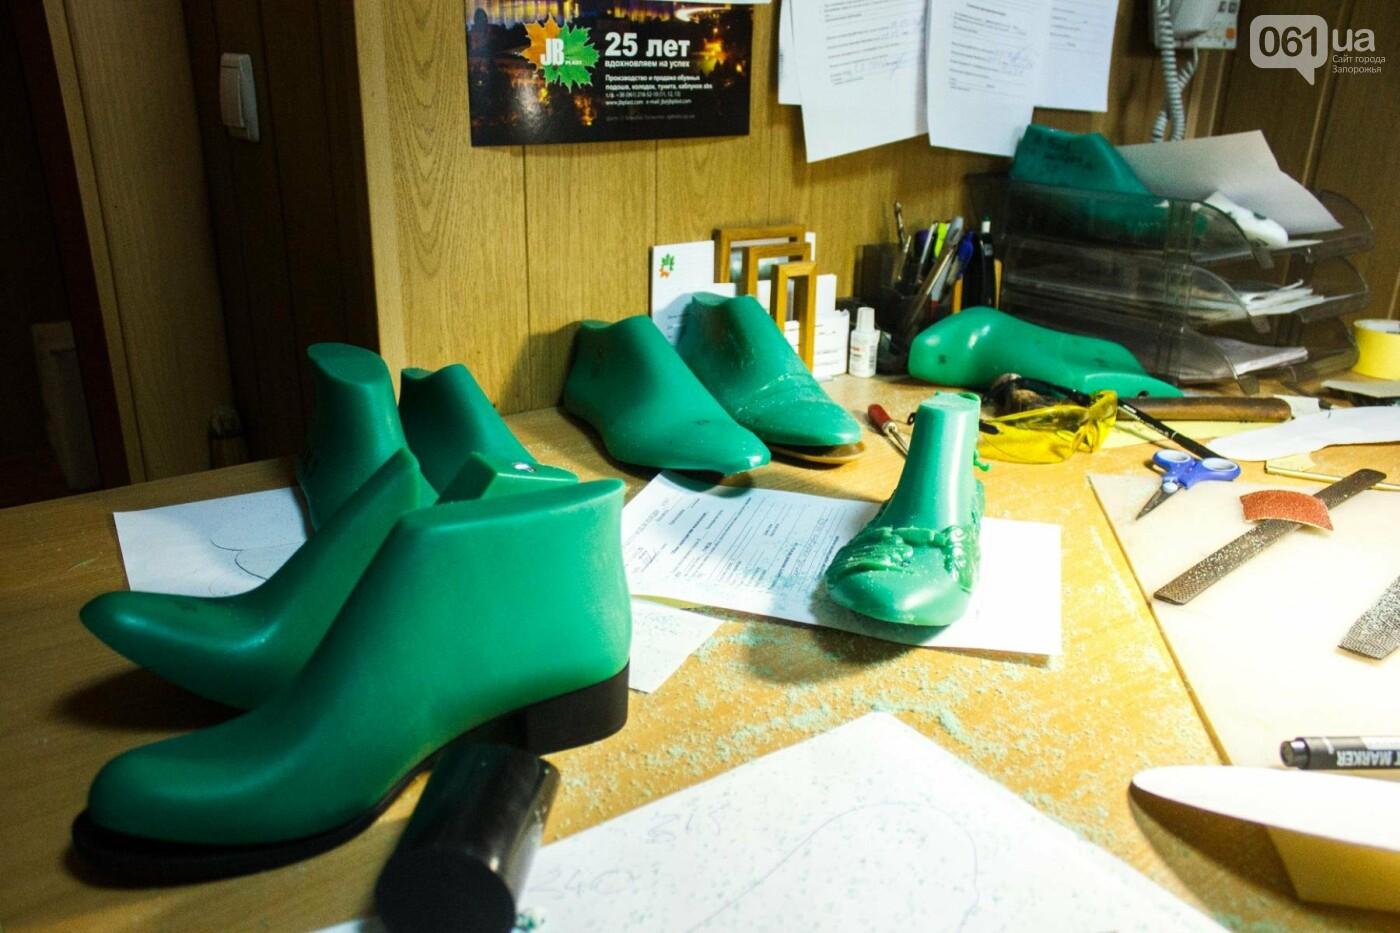 Как создается обувь: экскурсия на запорожскую обувную фабрику, – ФОТОРЕПОРТАЖ, фото-3